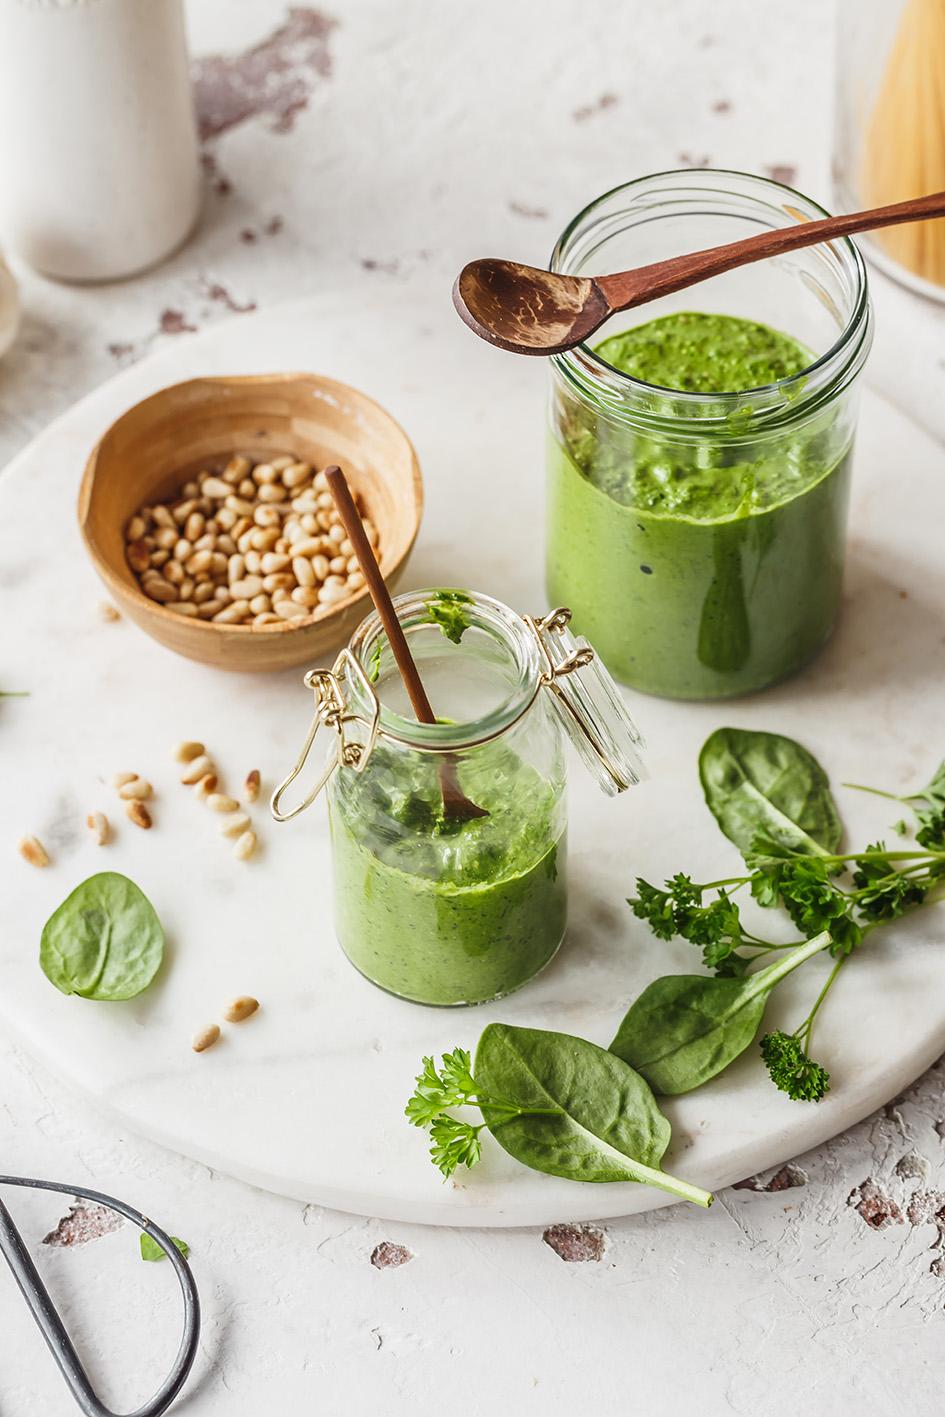 Veganes Spinat-Pesto in zwei Gläsern mit Holzlöffel